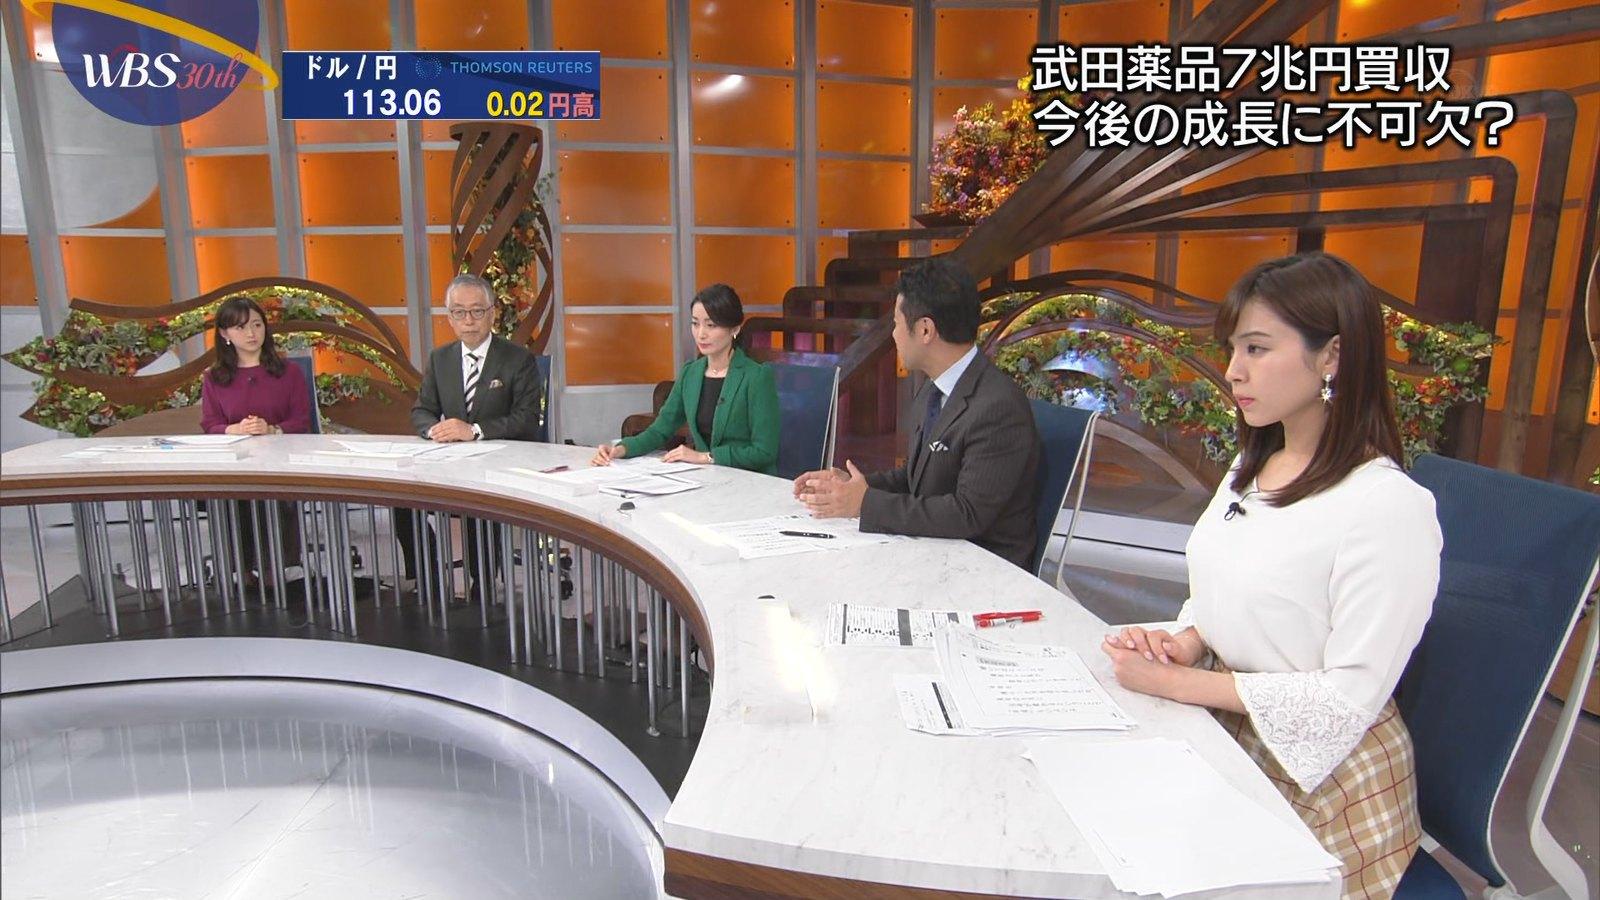 角谷暁子_女子アナ_おっぱい_テレビキャプ画像_03